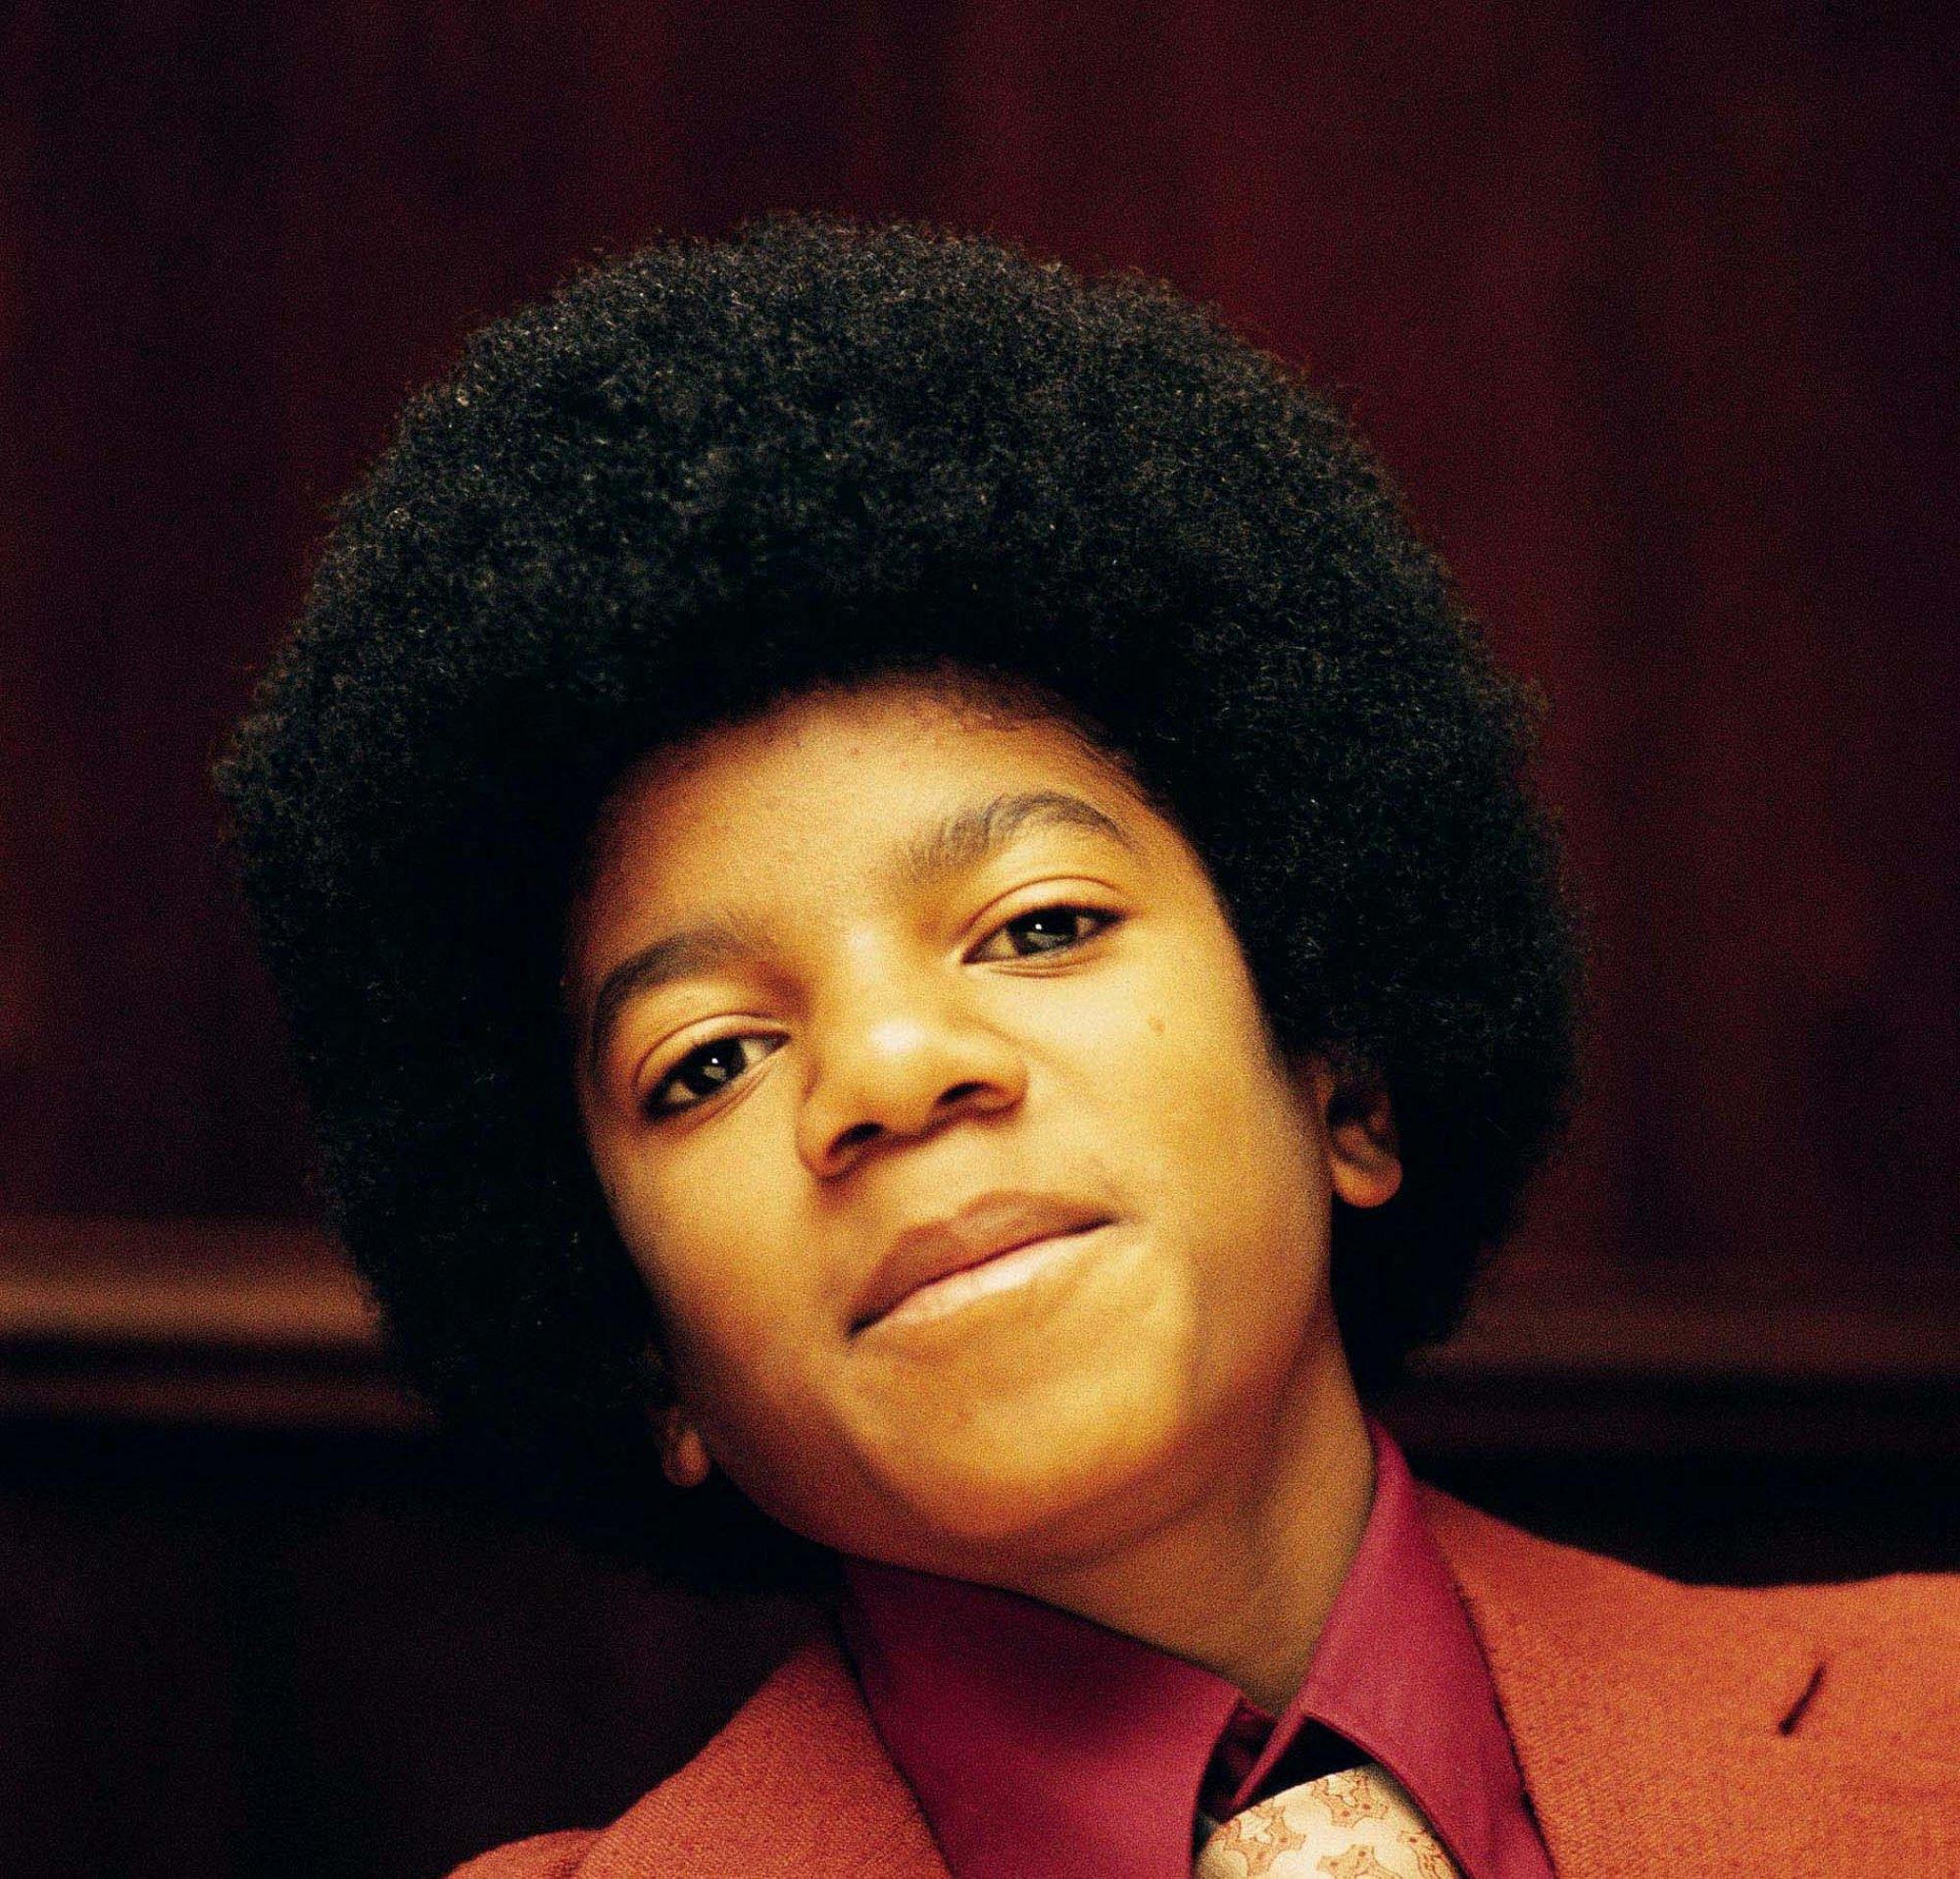 Michael Jackson, da bimbo prodigio a superstar: le foto della carriera